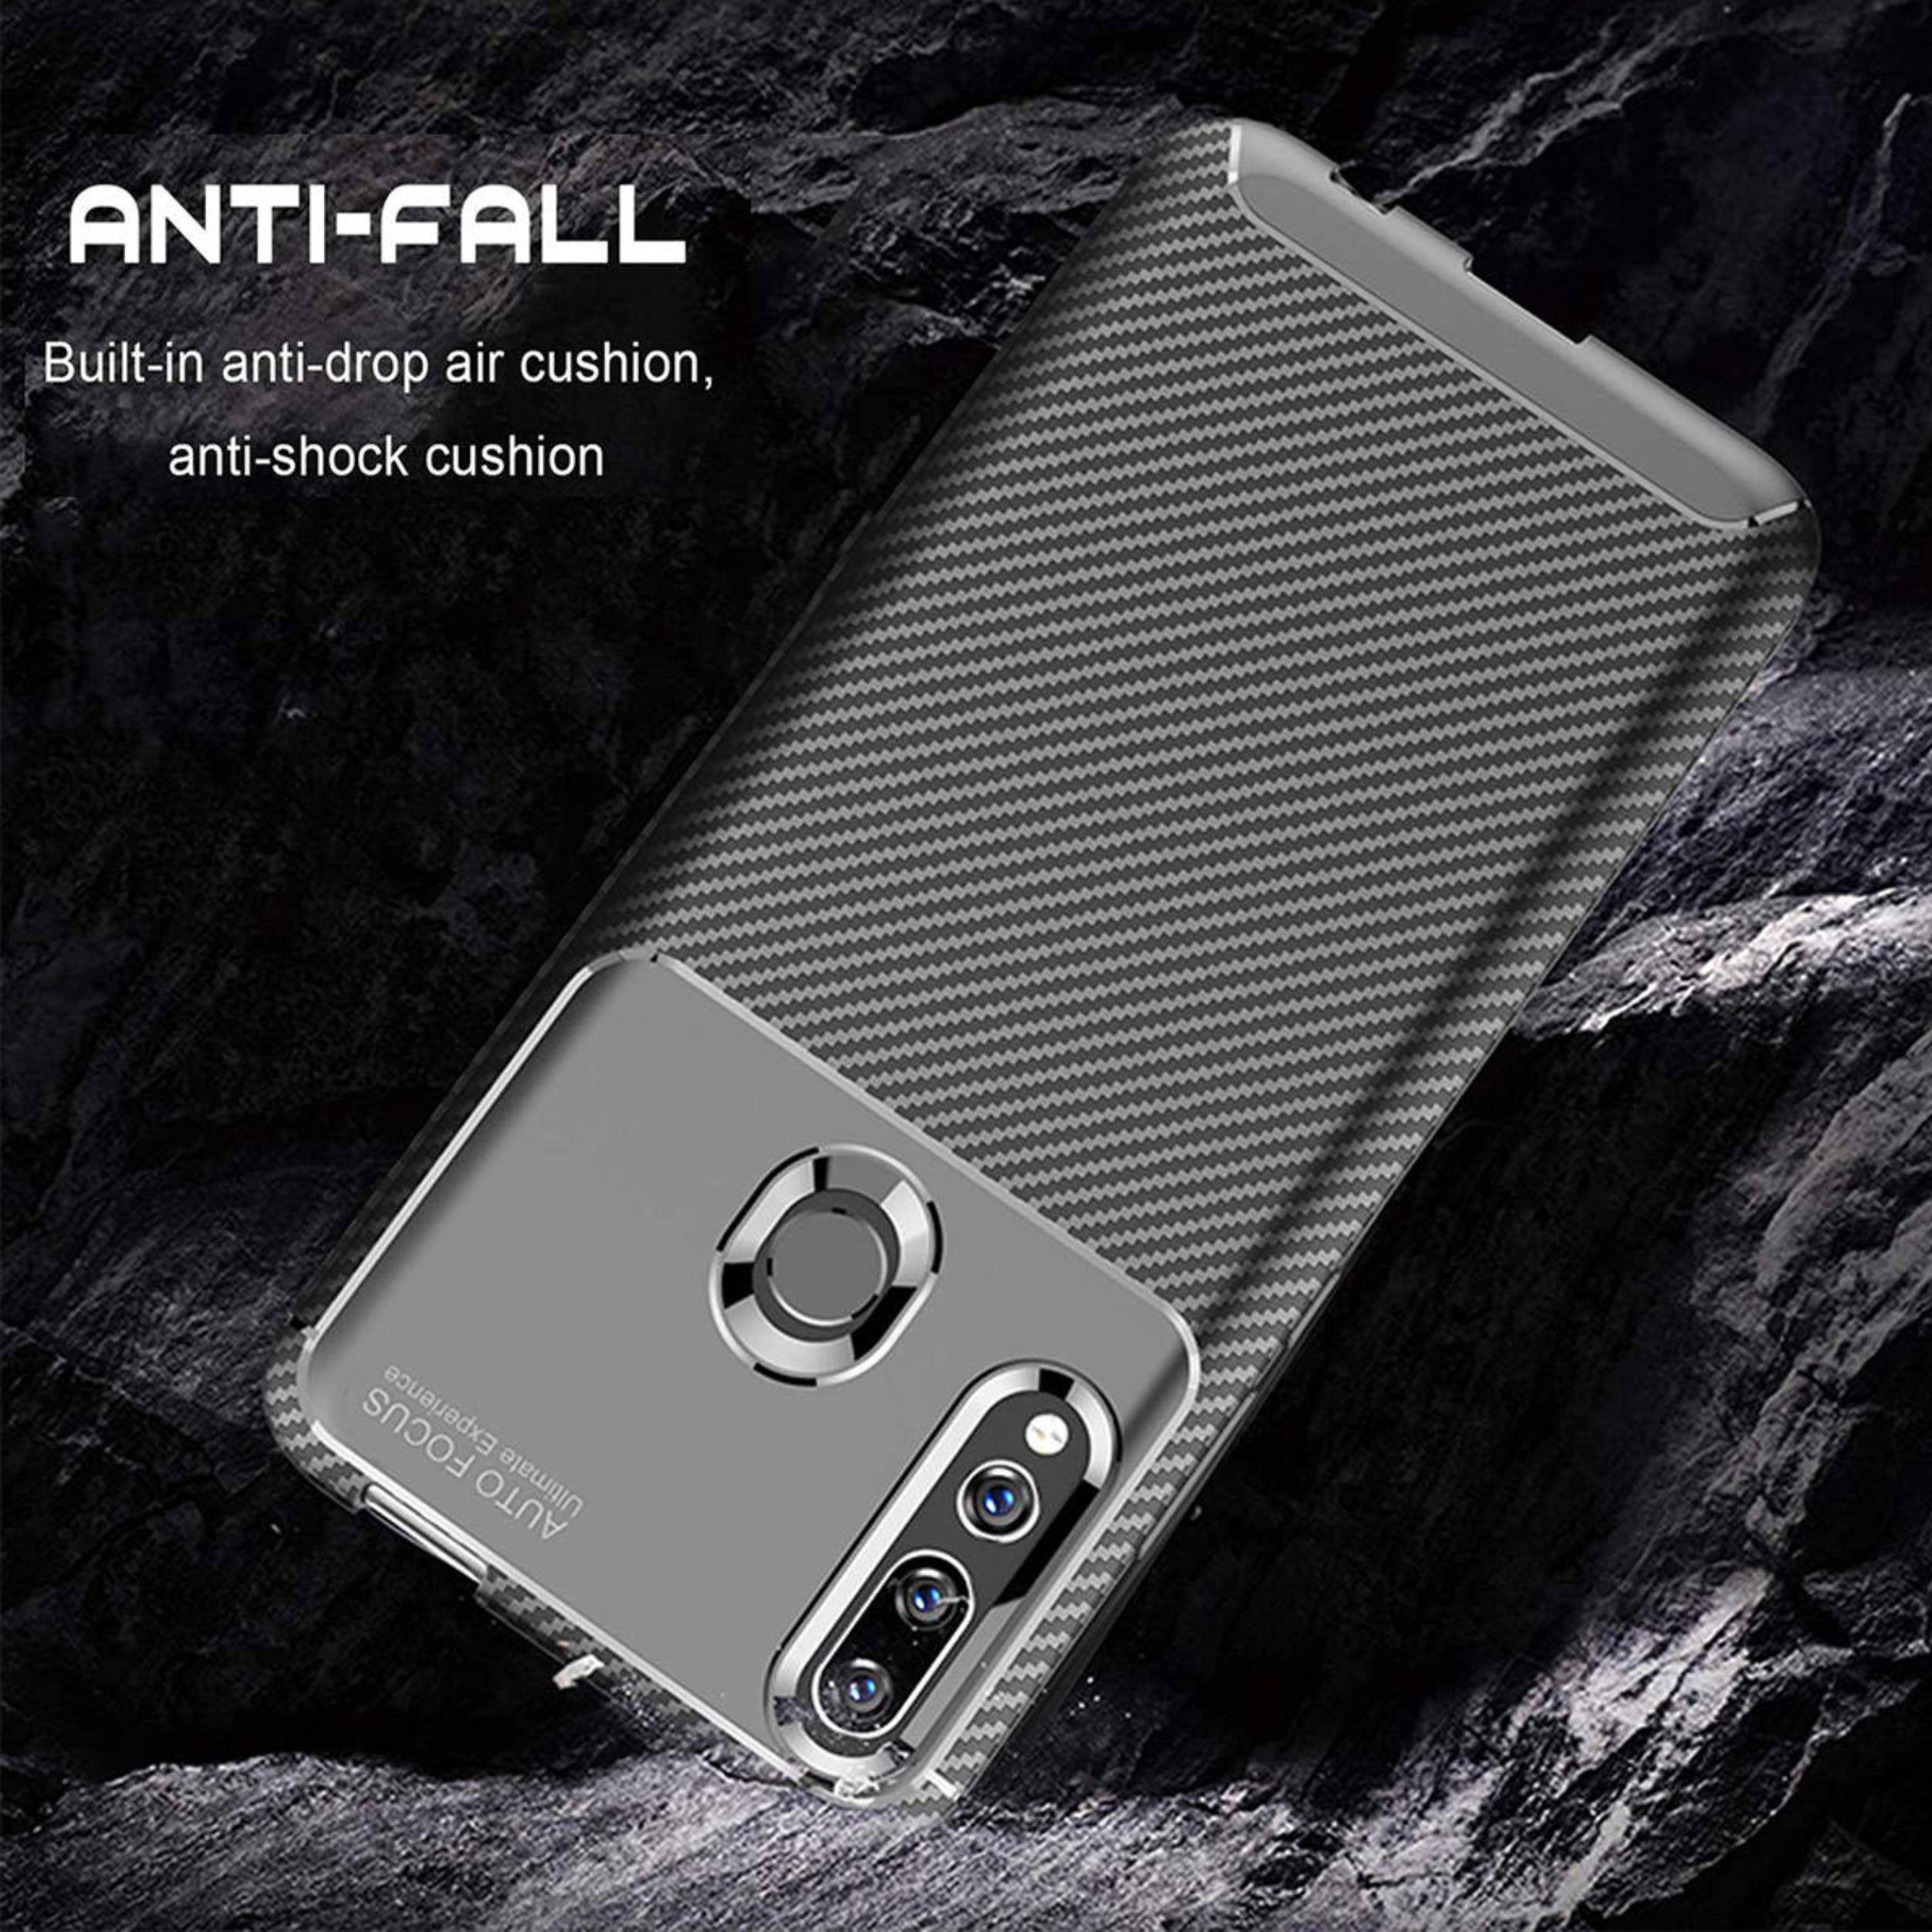 کاور لاین کینگ مدل A21 مناسب برای گوشی موبایل هوآوی Y9 Prime 2019 / آنر 9X thumb 2 6